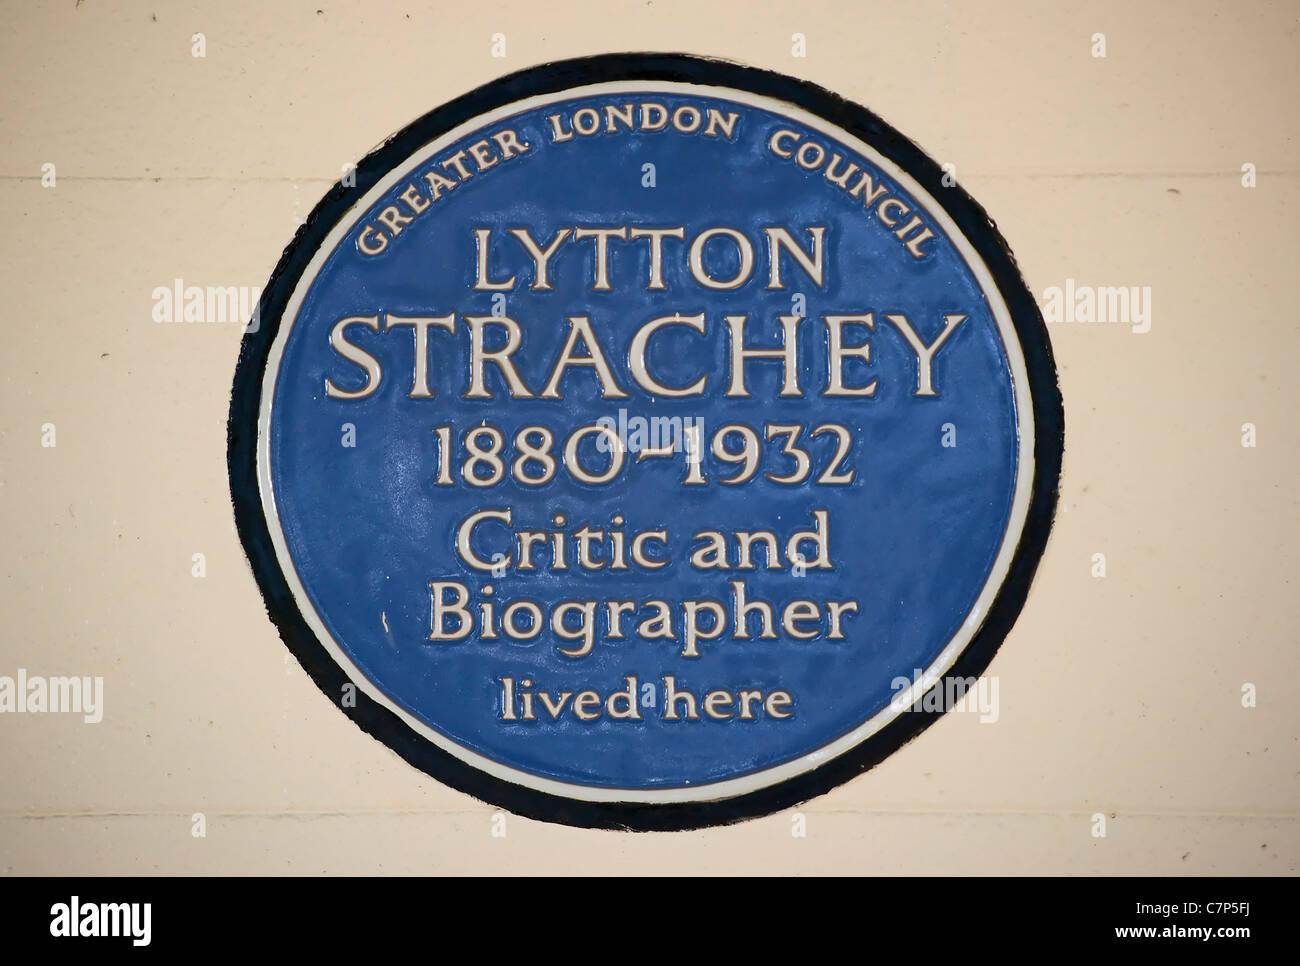 mehr London Rat blaue Plakette markiert ein Haus der Kritiker und Biograph Lytton Strachey, Gordon Quadrat, London, England Stockfoto